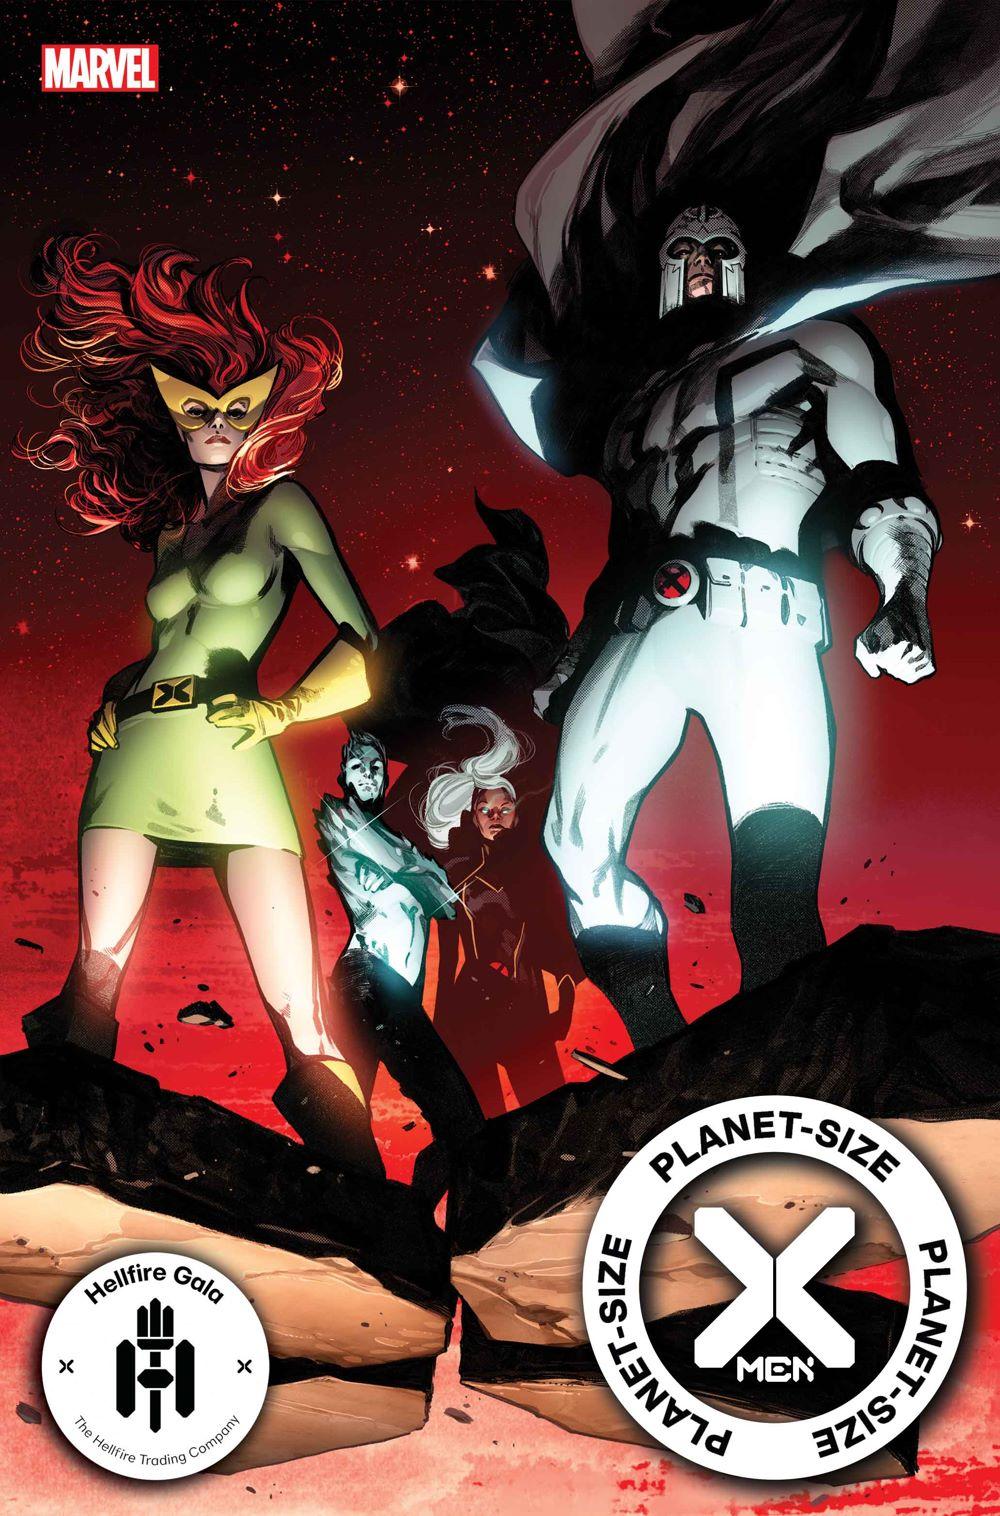 PSXMEN2021001_cov-1 Marvel Comics June 2021 Solicitations